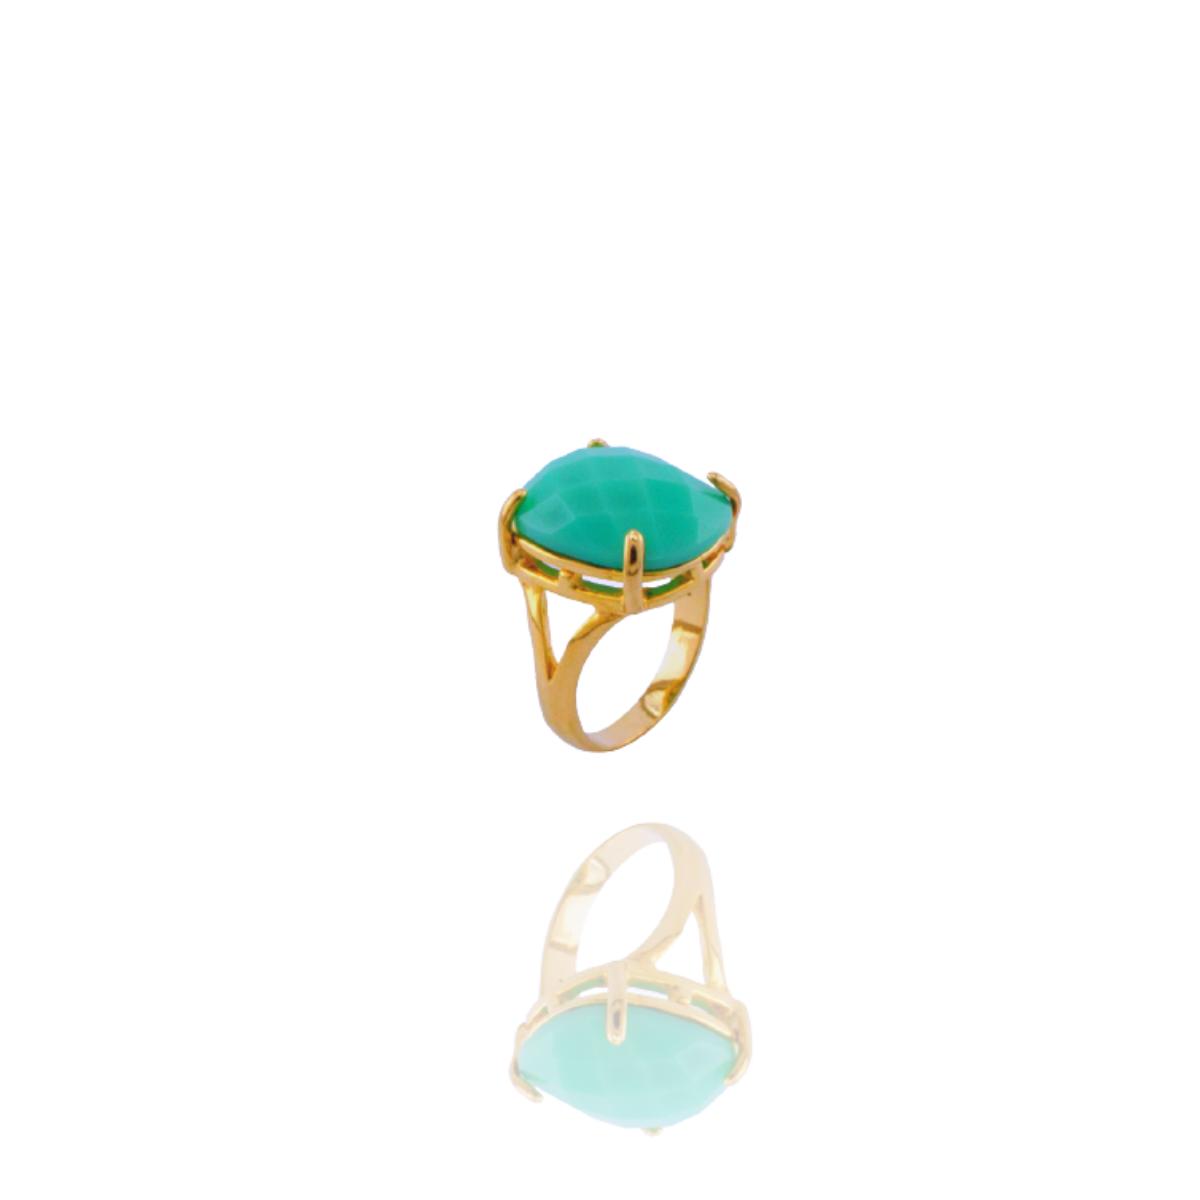 Anel Barbara Strauss Semi Joia Isla em Resina Lalique Azul, Rev. Em Ouro Amarelo 18K